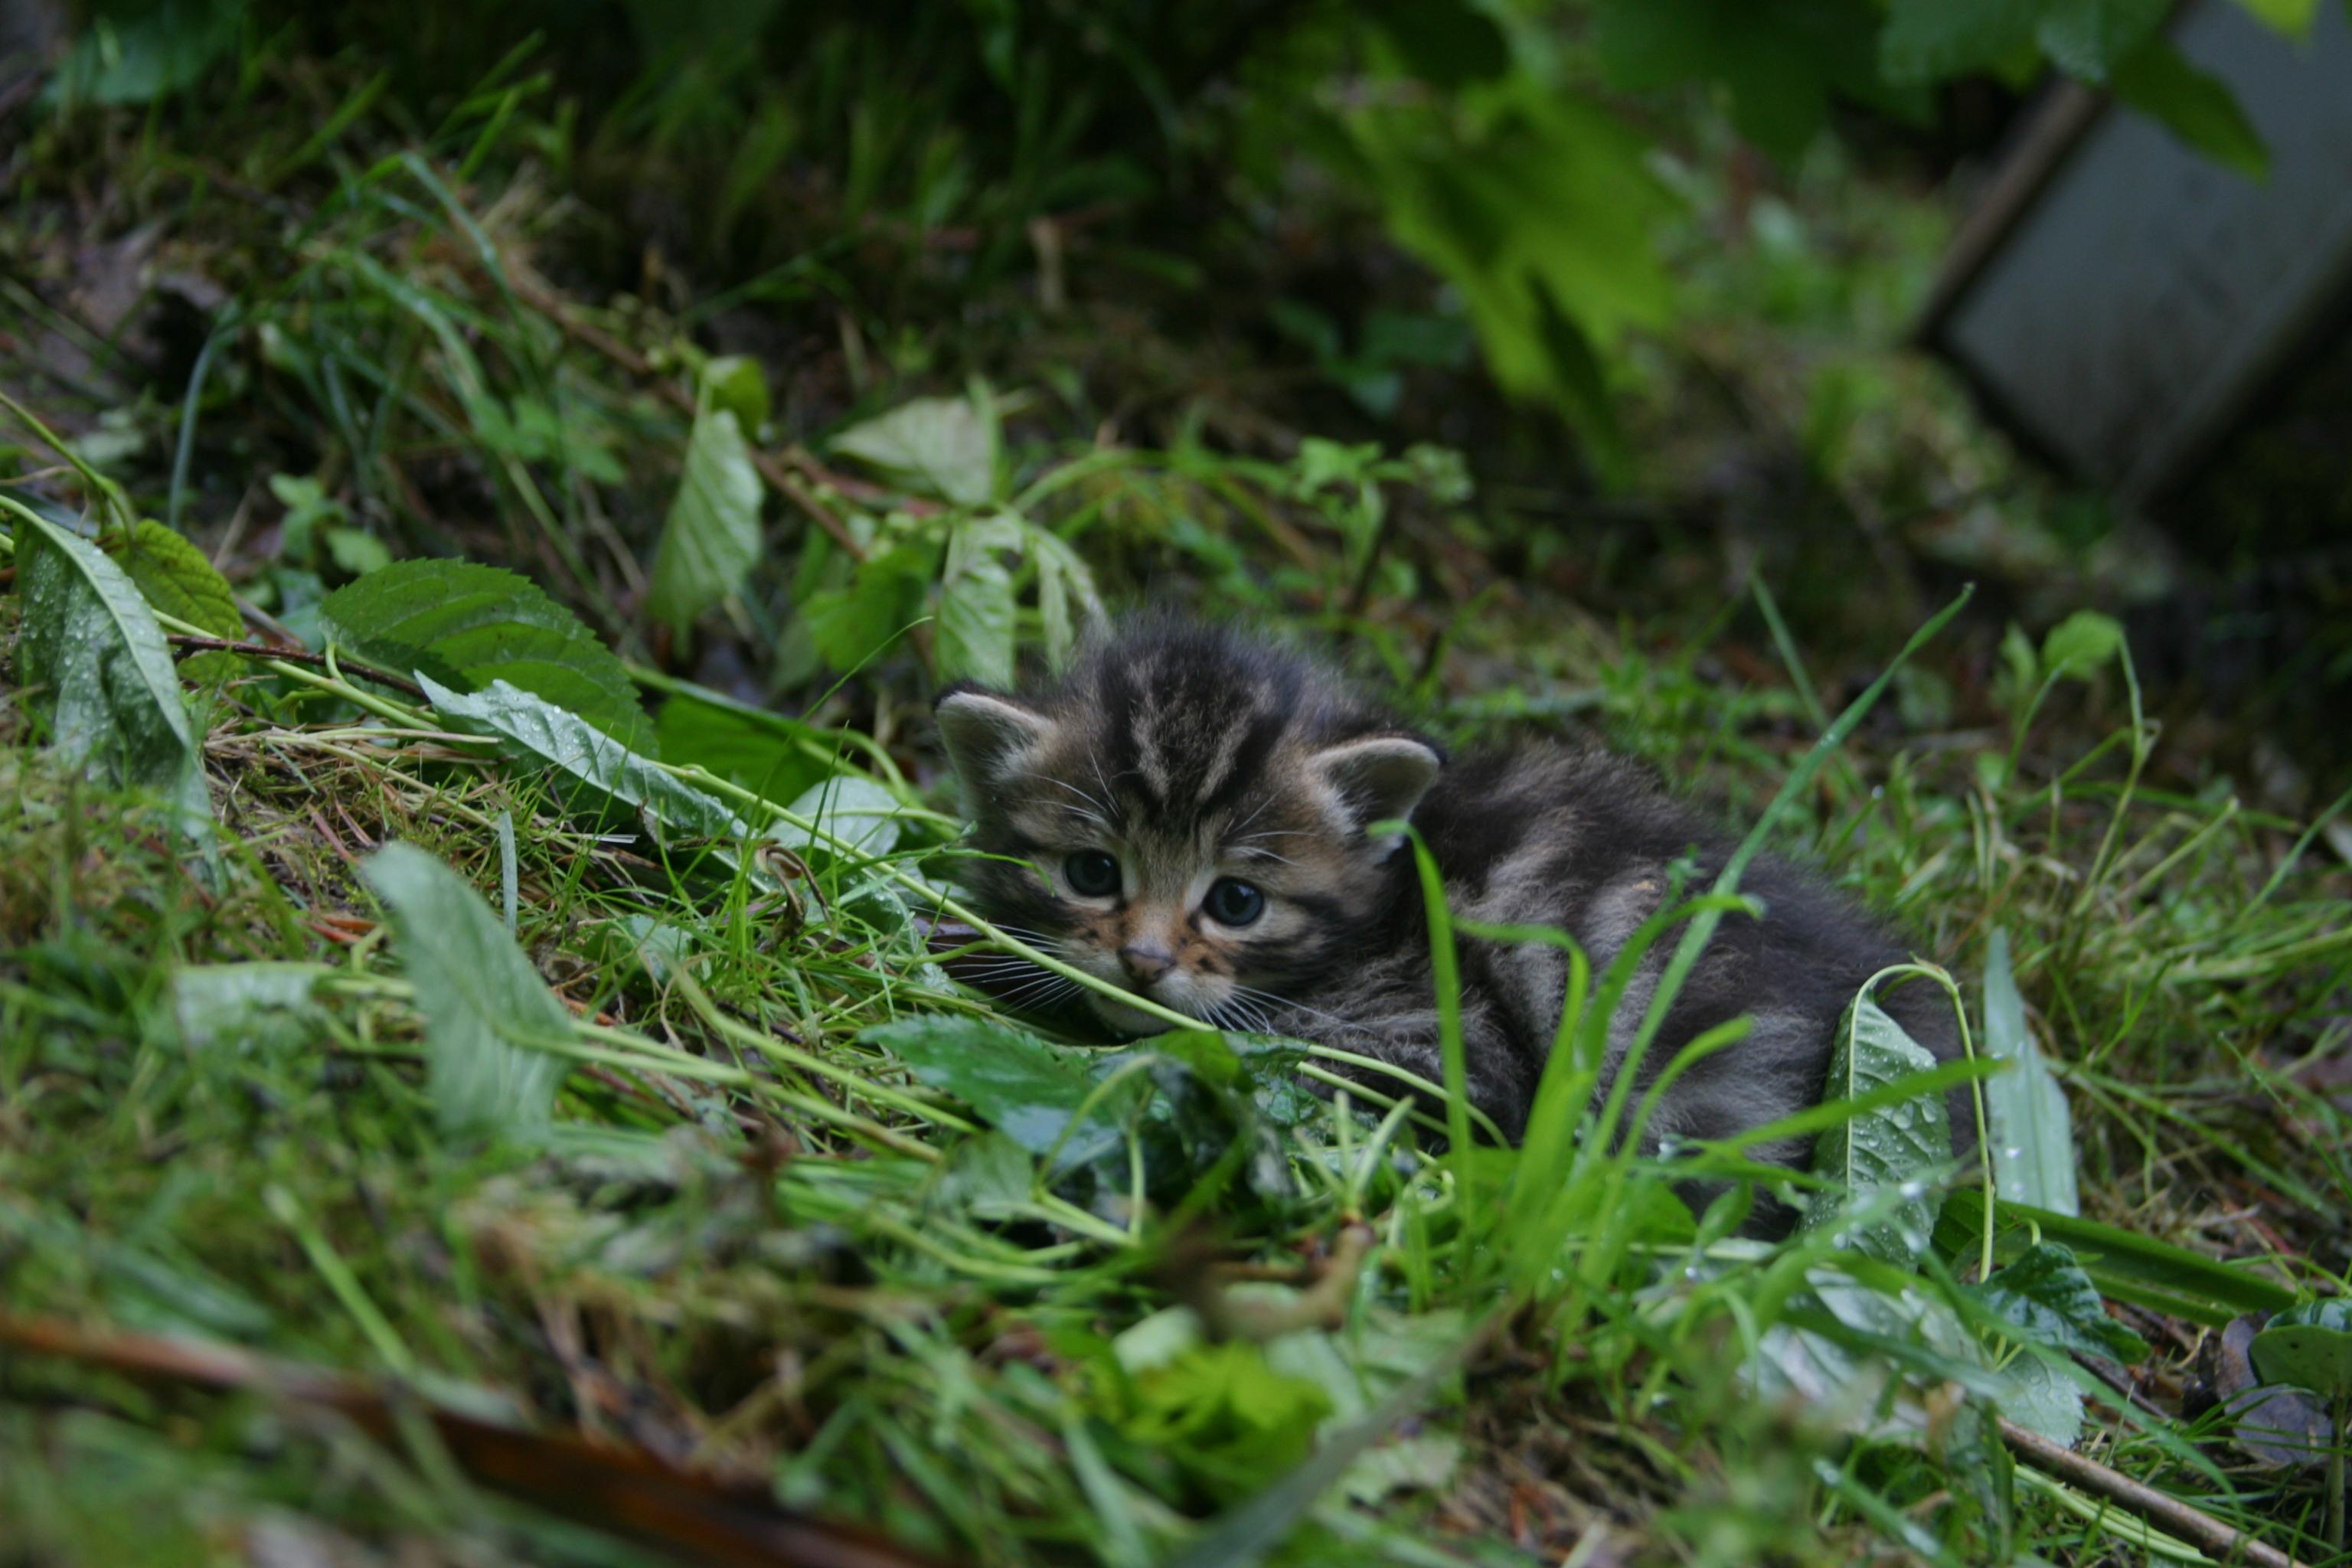 Wildnispark Zürich, Langenberg junge Wildkatze - Die ersten Ausflüge ganz alleine